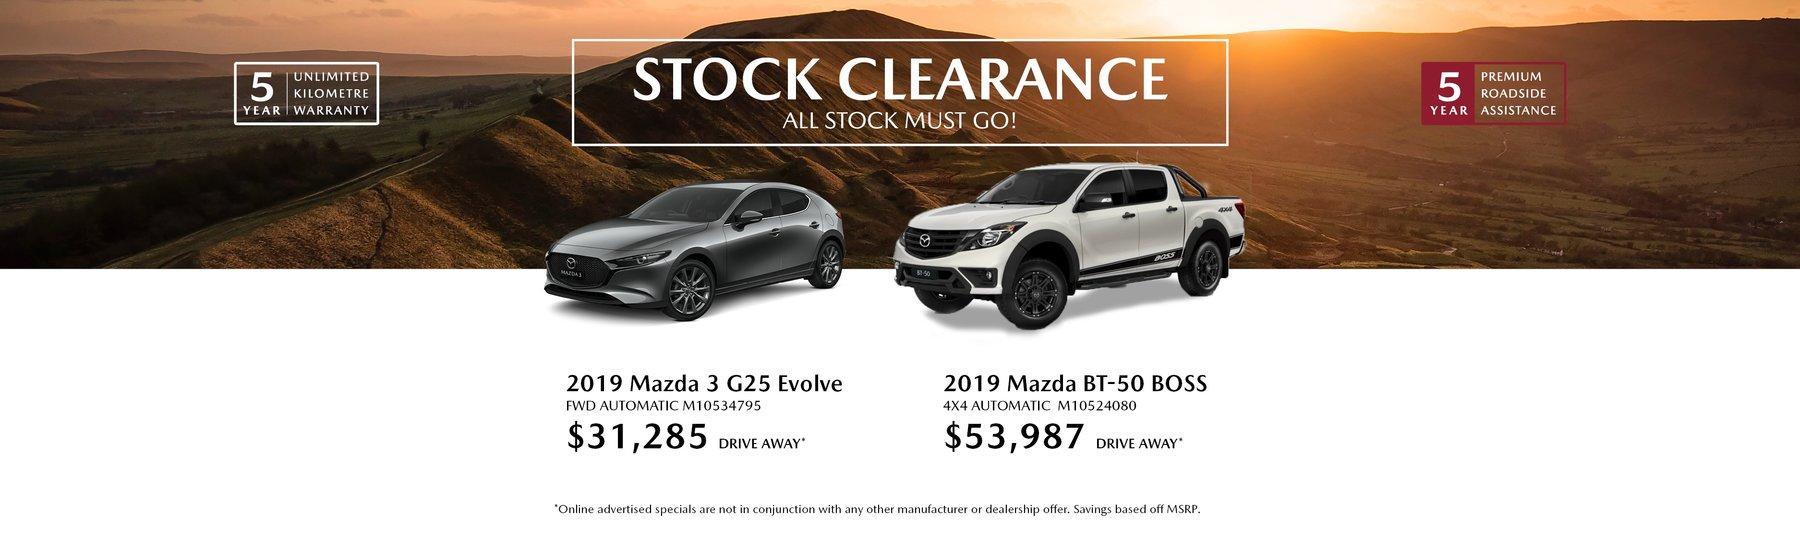 stock specials